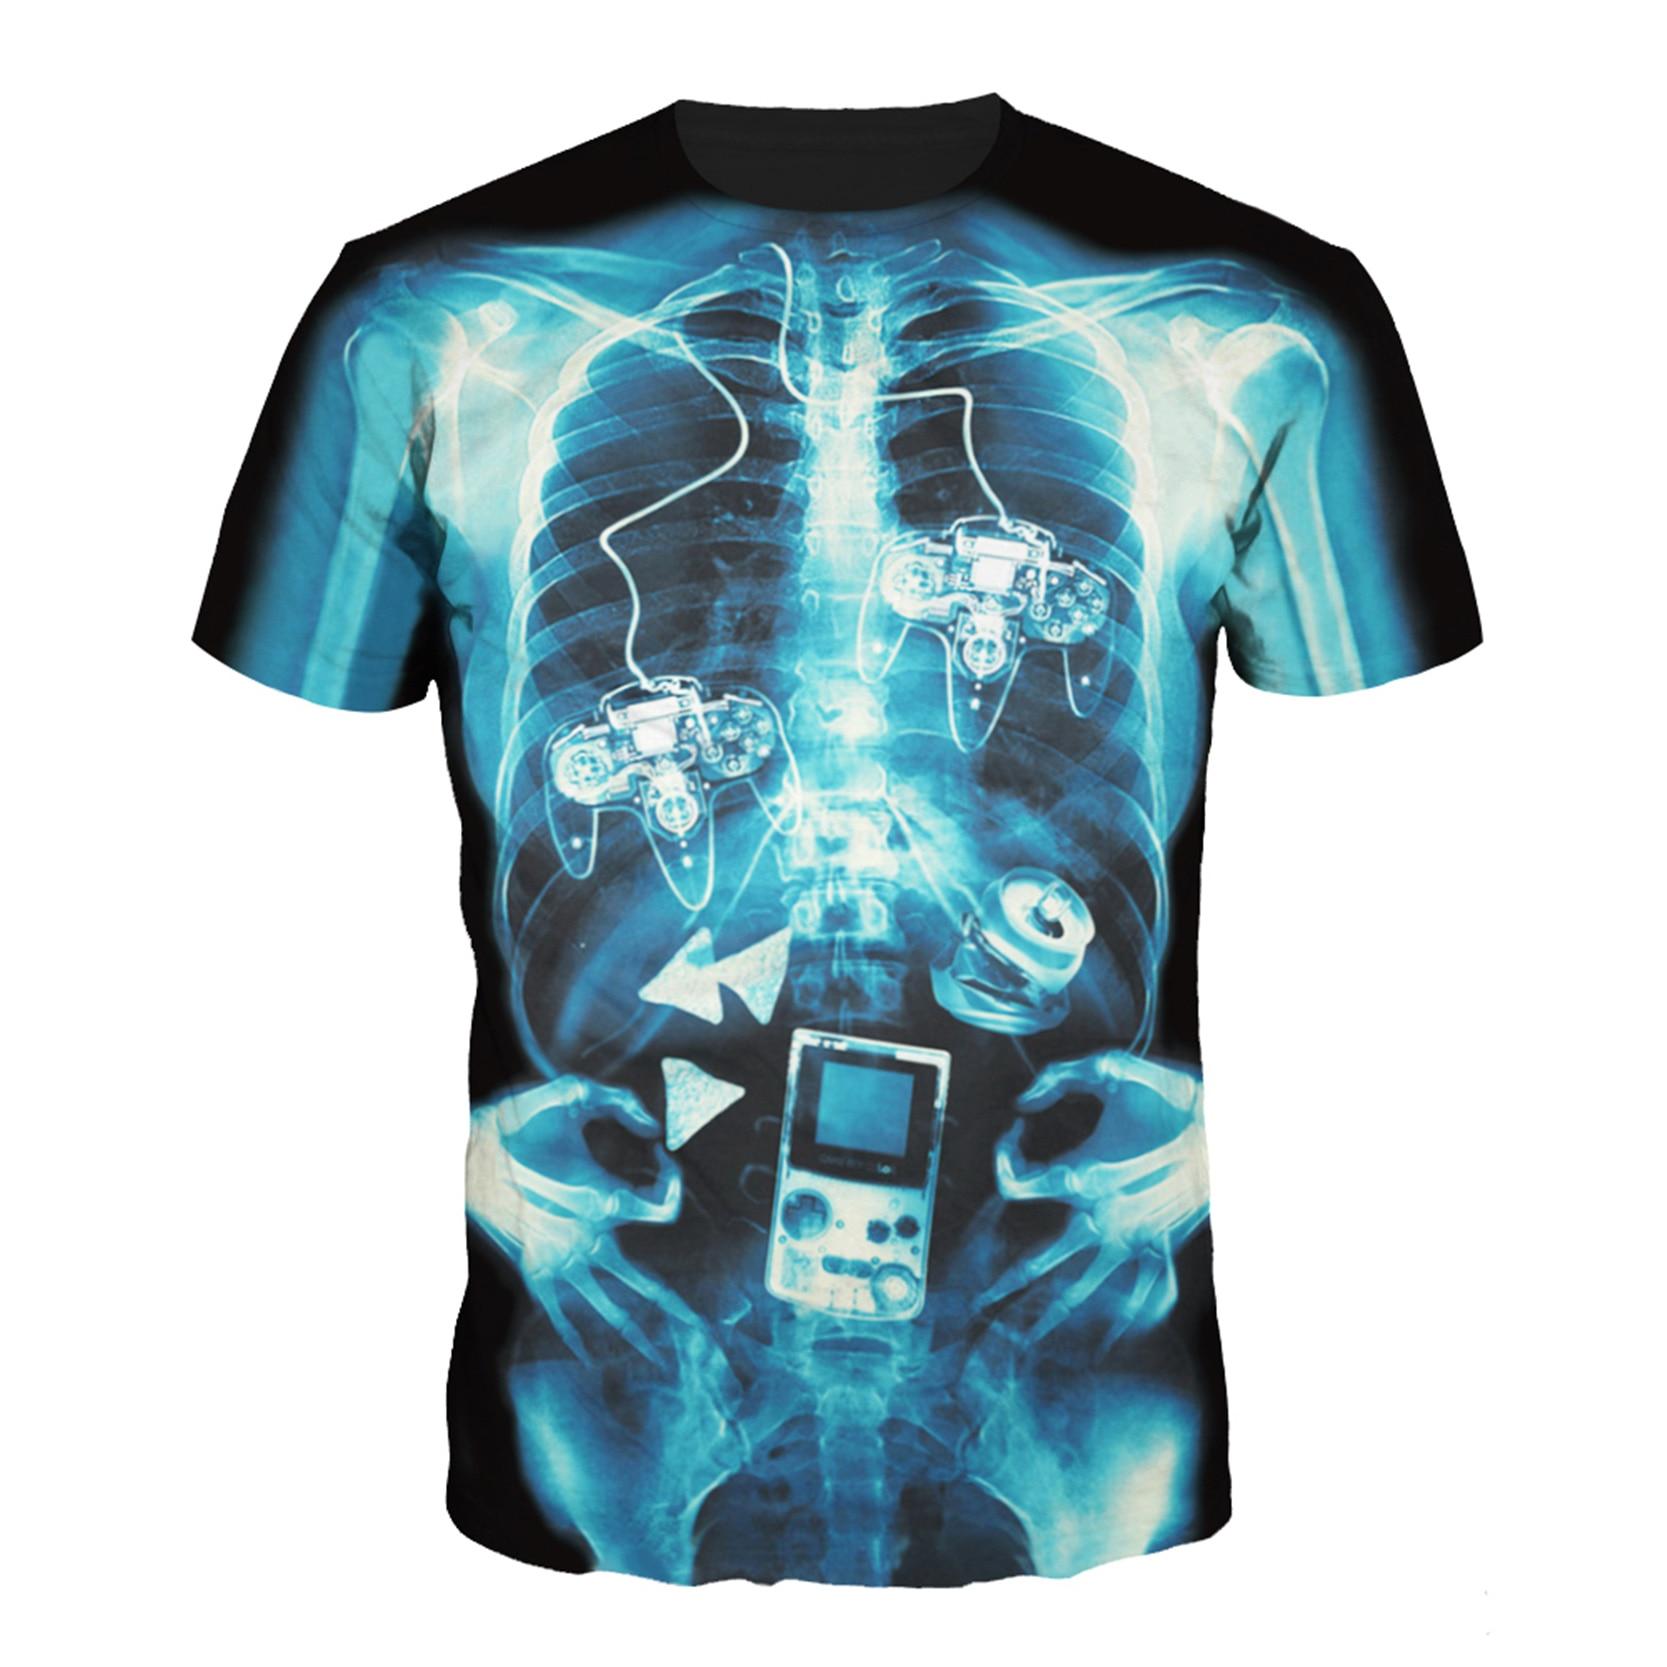 Body X ray 3D Printed T Shirt 2016 Men Hip Hop Fashion Skull Printed ...